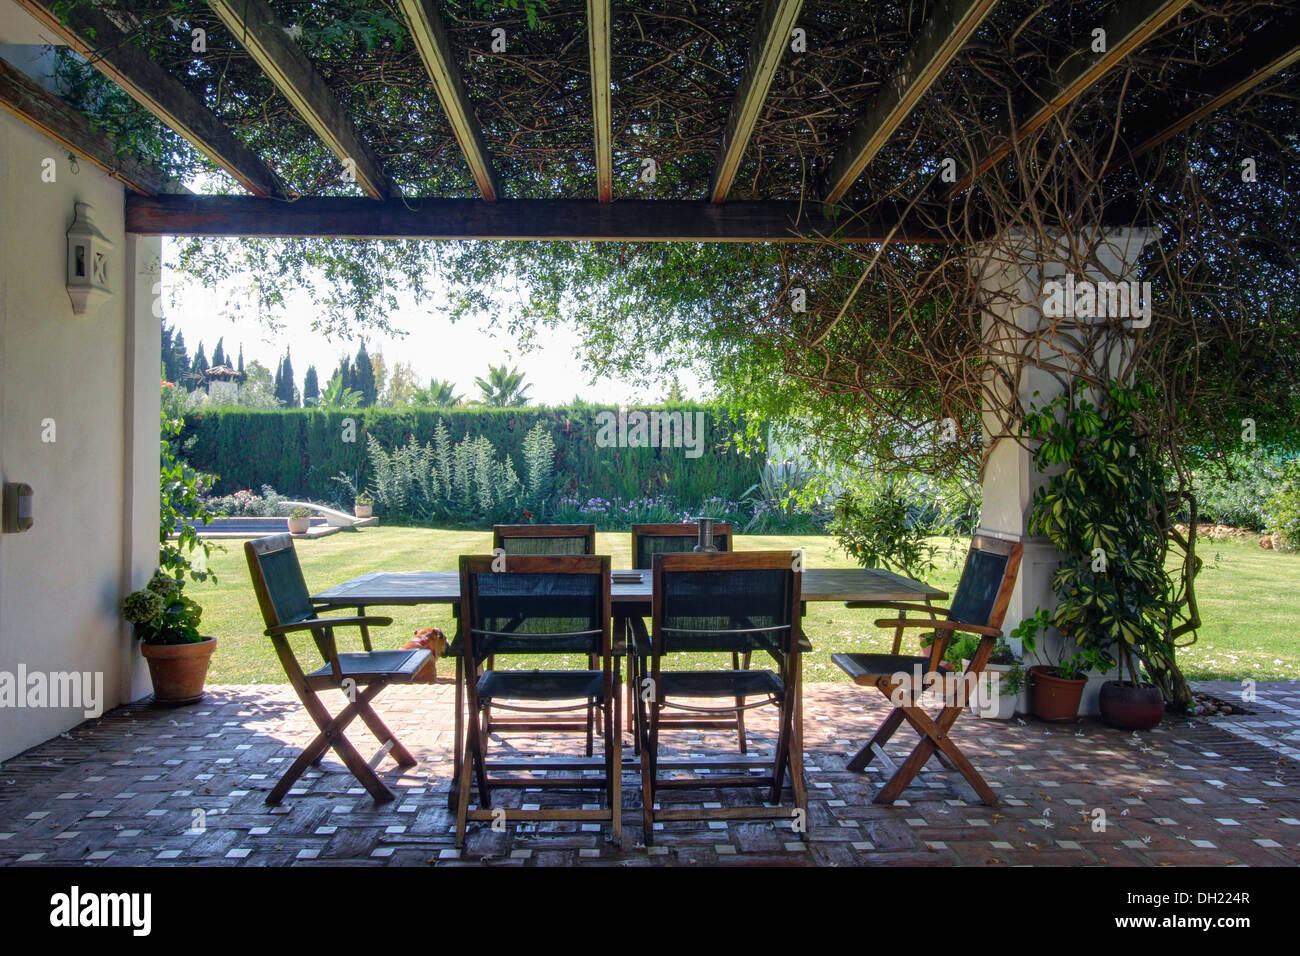 bergsteiger auf holz pergola ber terrakotta geflieste terrasse mit tisch und st hle im garten. Black Bedroom Furniture Sets. Home Design Ideas